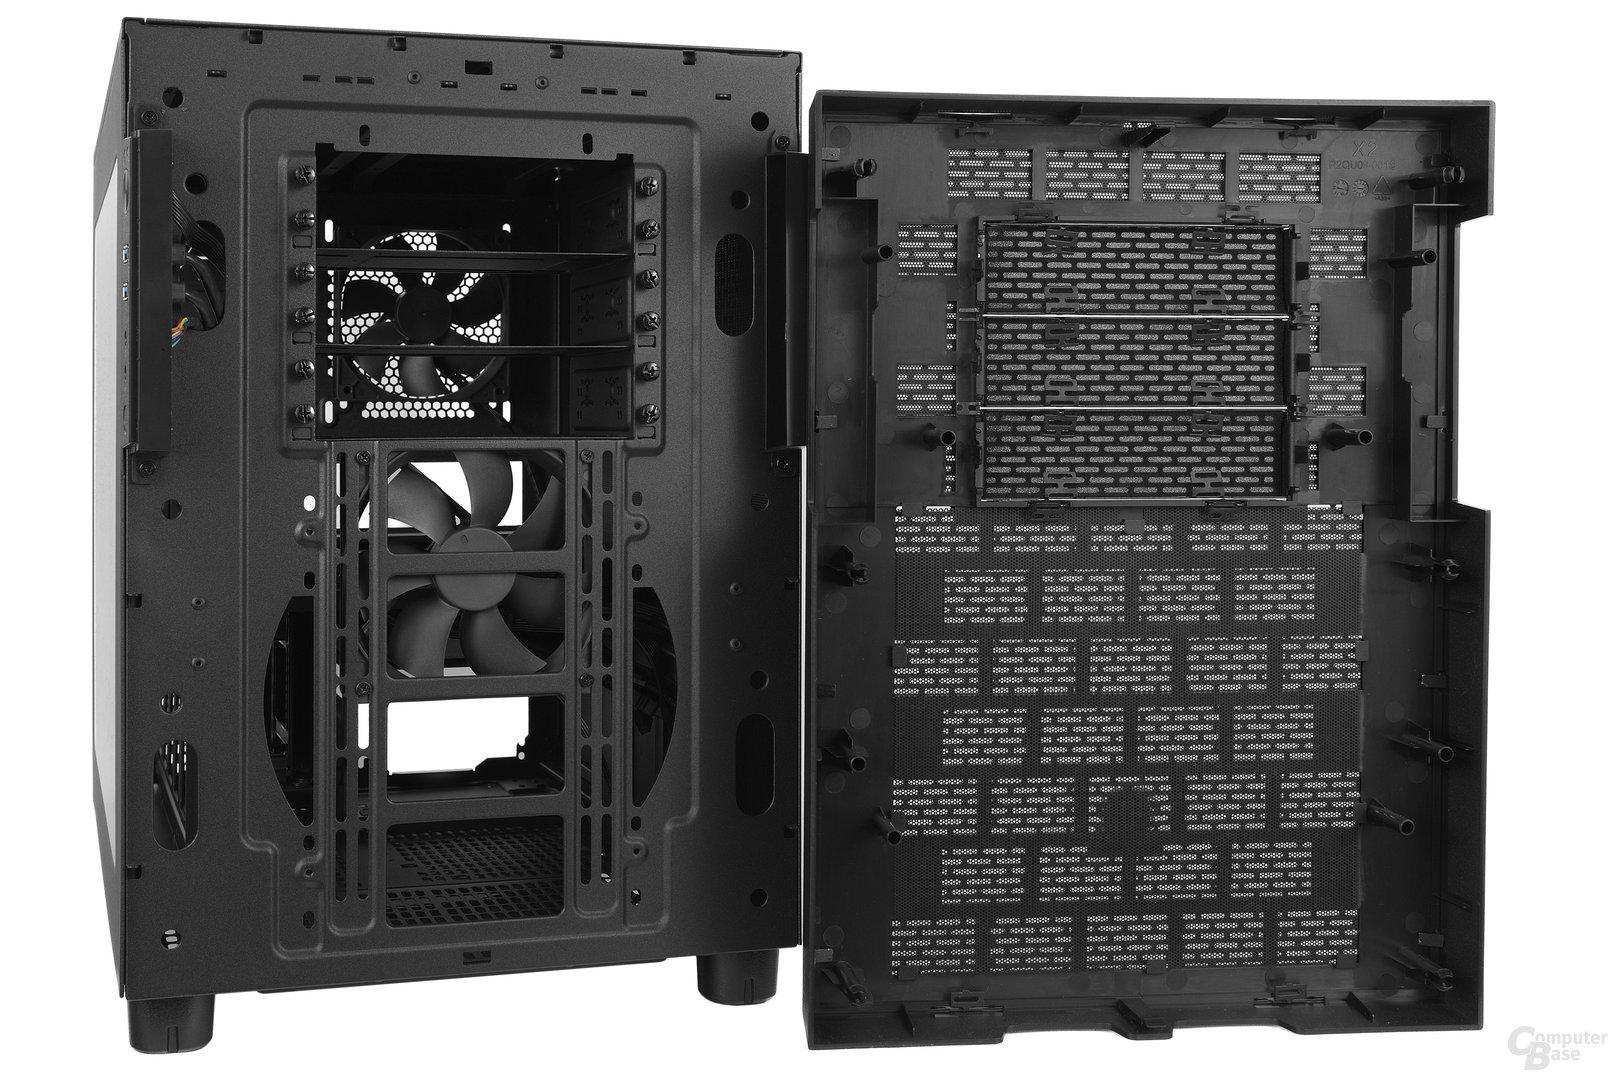 Thermaltake Core X2 – Frontcover demontiert